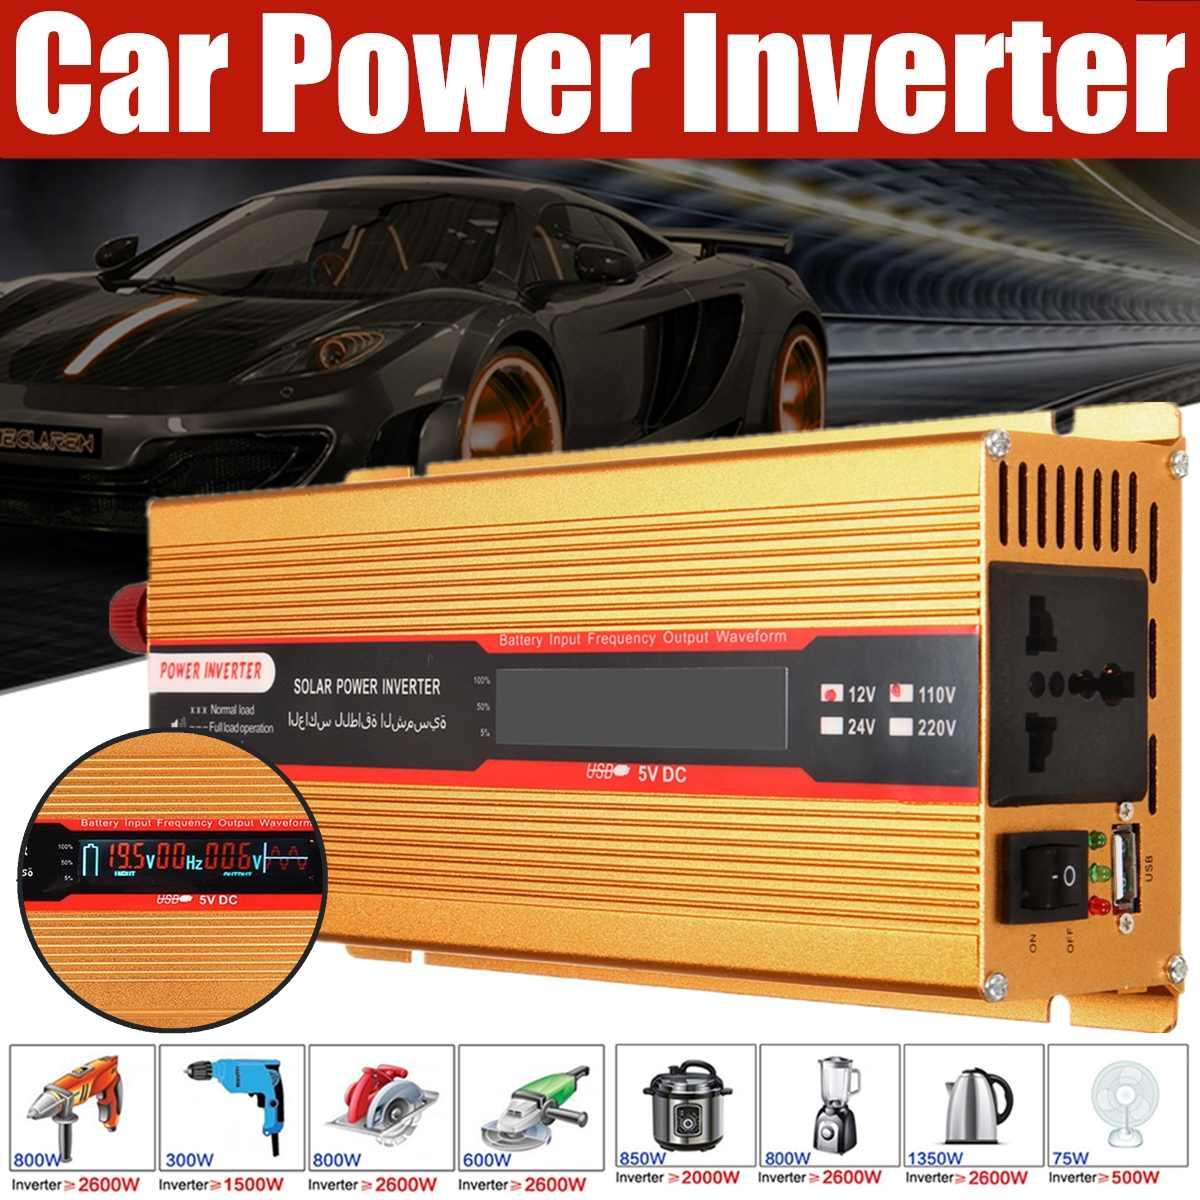 Chargeur d'adaptateur de convertisseurs solaires d'inverseur de puissance de voiture 3000 W 12/24 V à onde sinusoïdale modifiée par AC 220/110 V pour l'accès de voiture de Camping à la maison